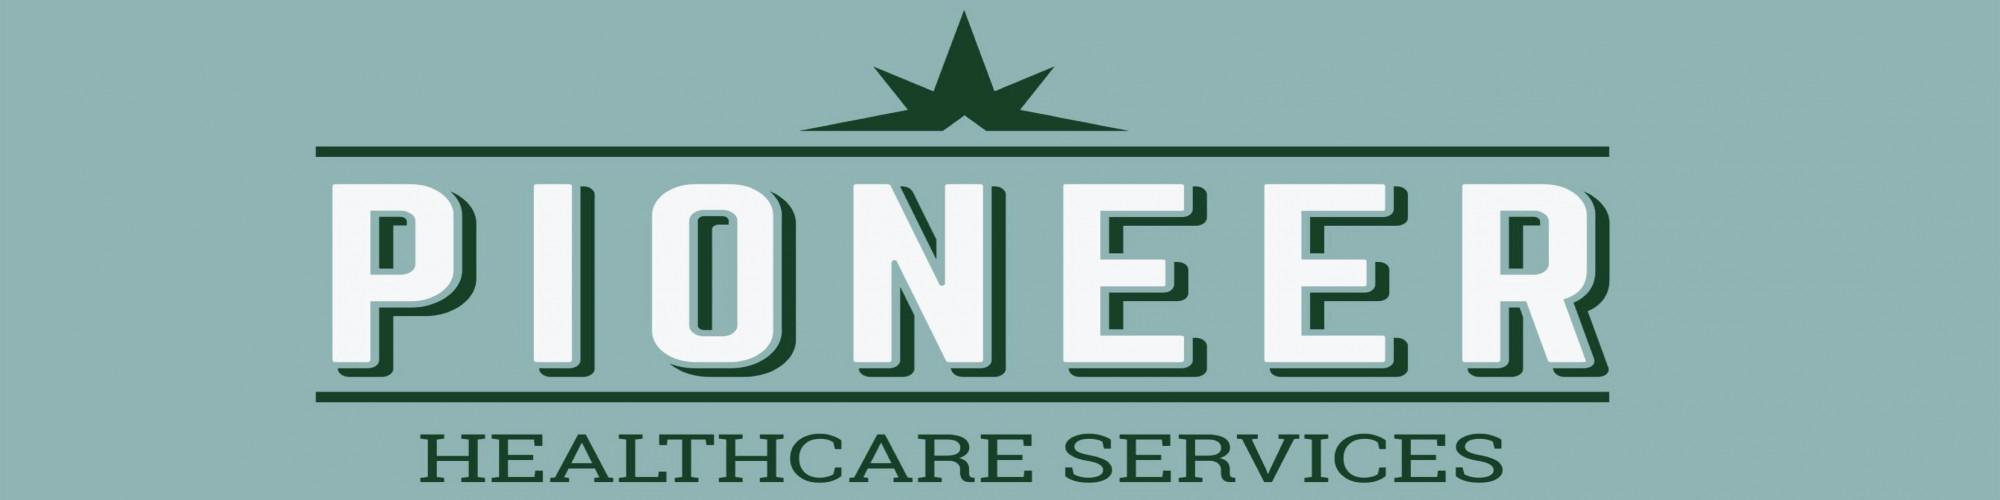 Pioneer Healthcare Services